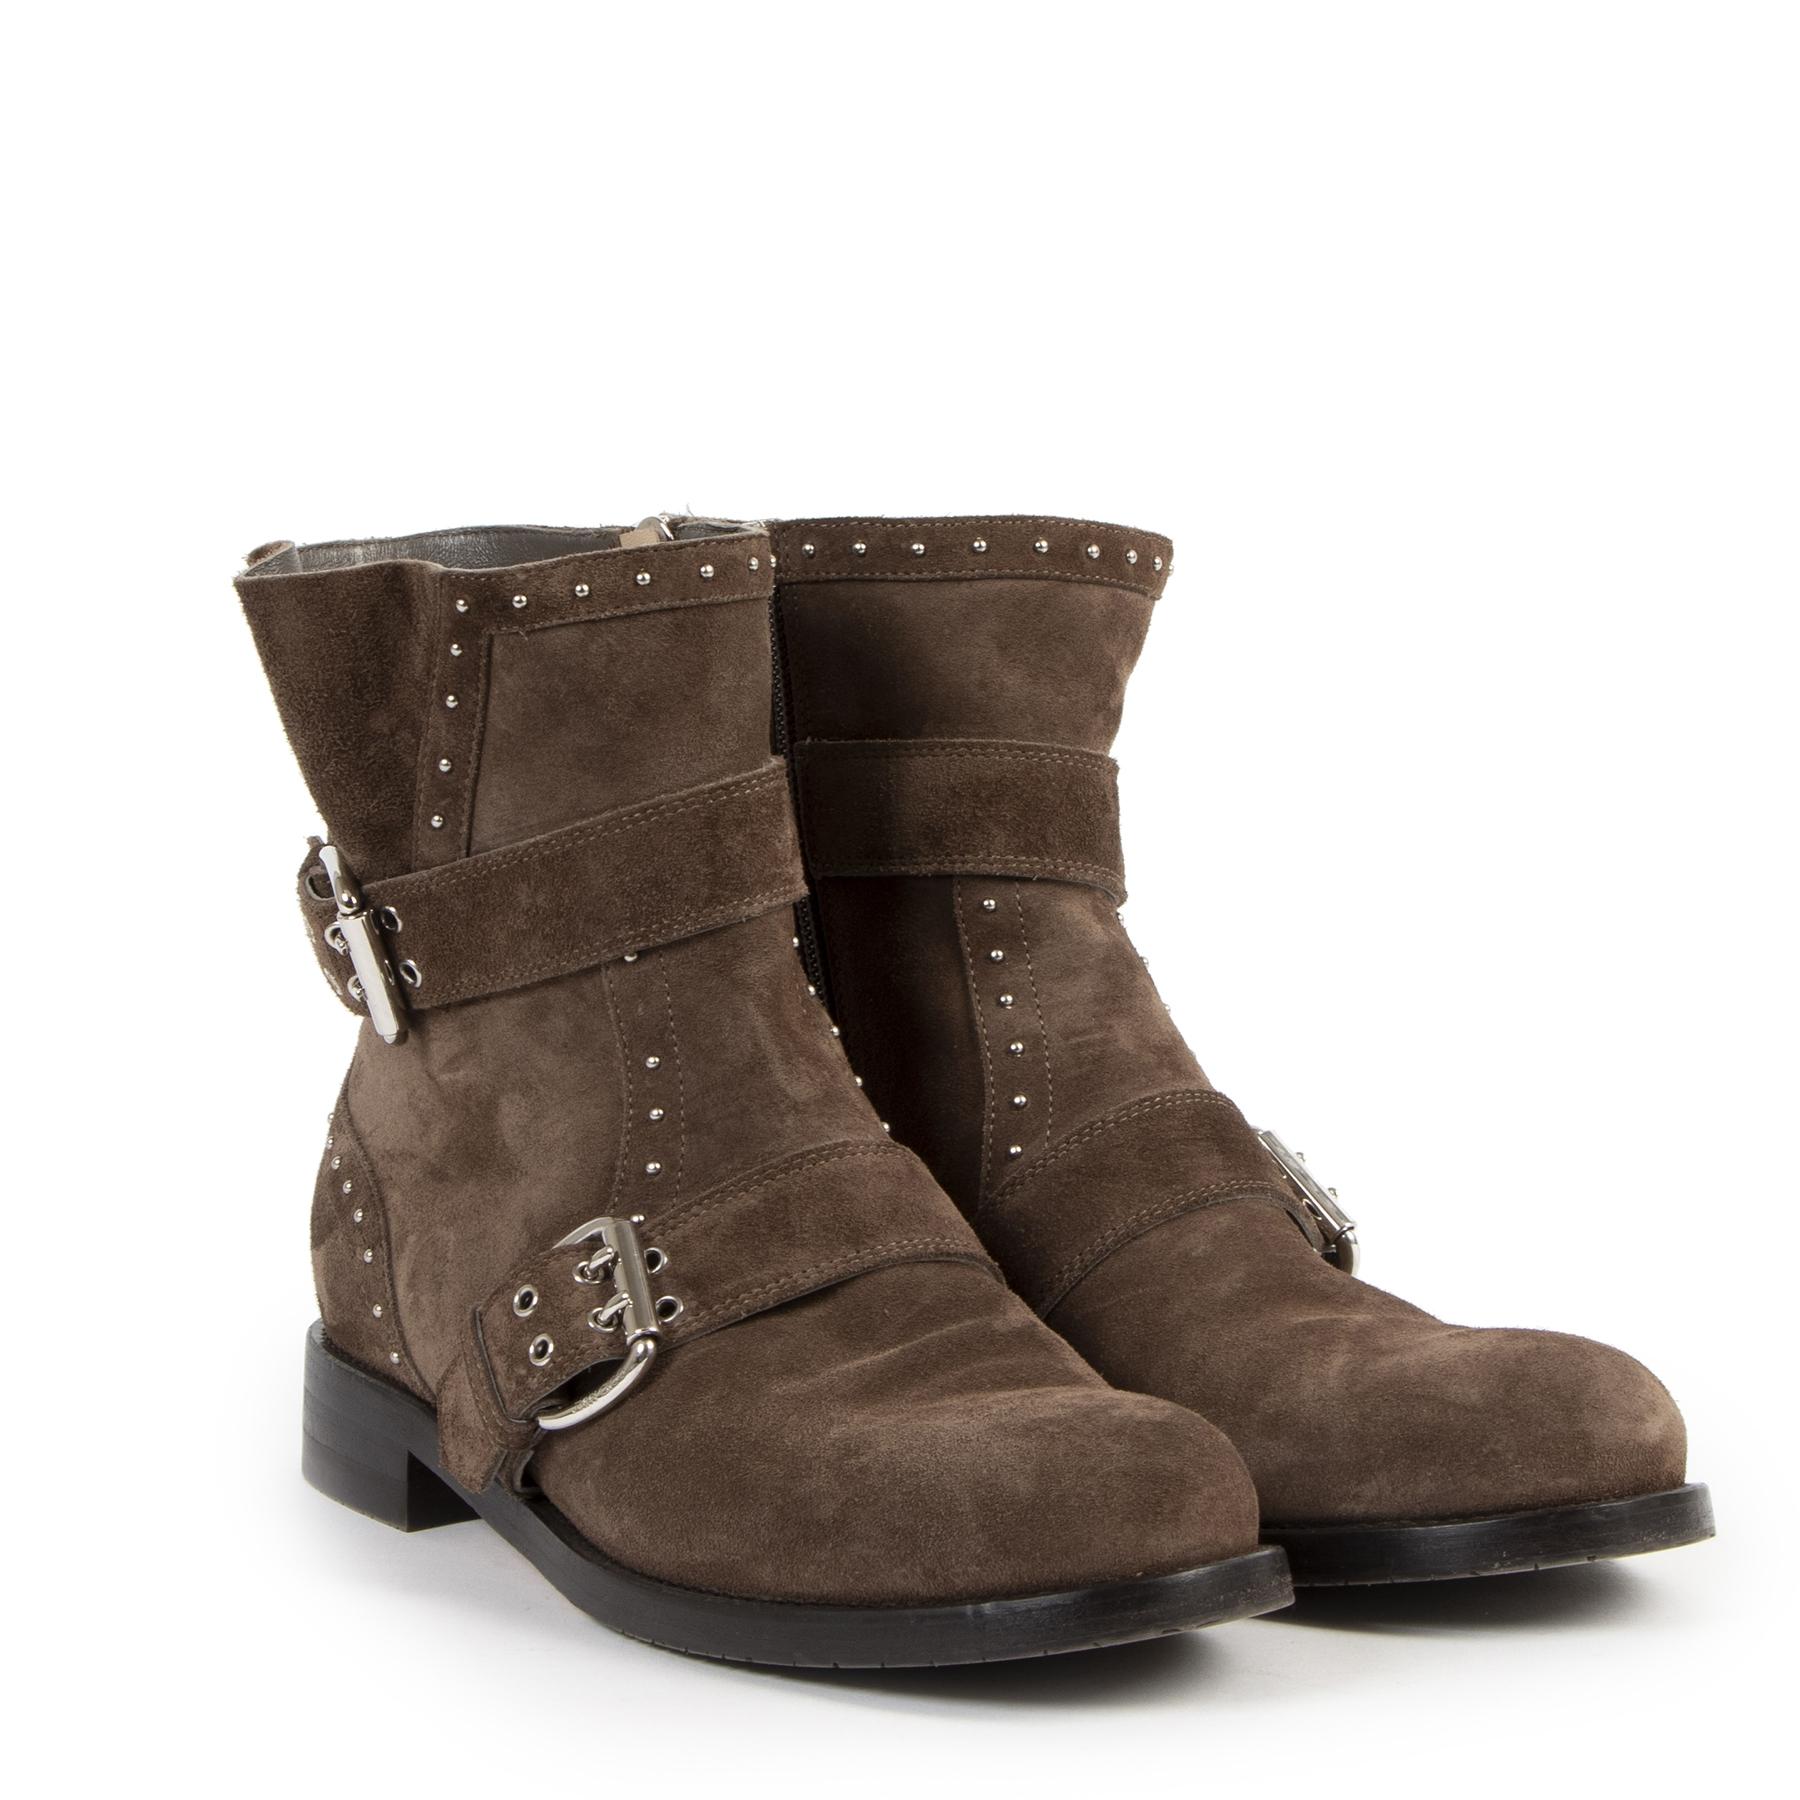 Jimmy Choo Studded Brown Suede Boots - Size 39,5 te koop bij Labellov tweedehands luxe